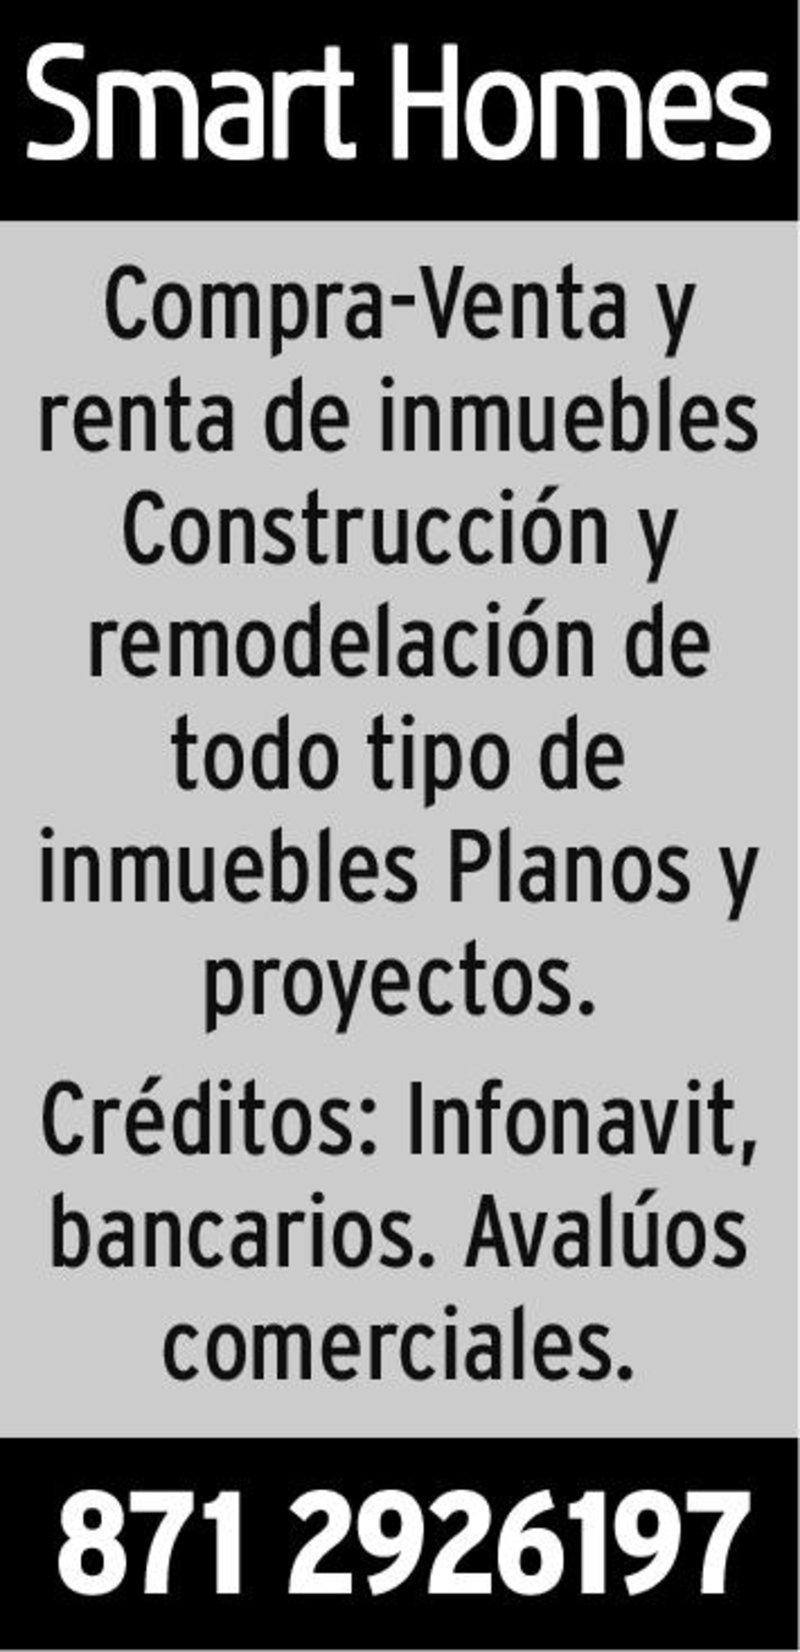 Compra-Venta y renta de inmuebles Constitución y remodelación